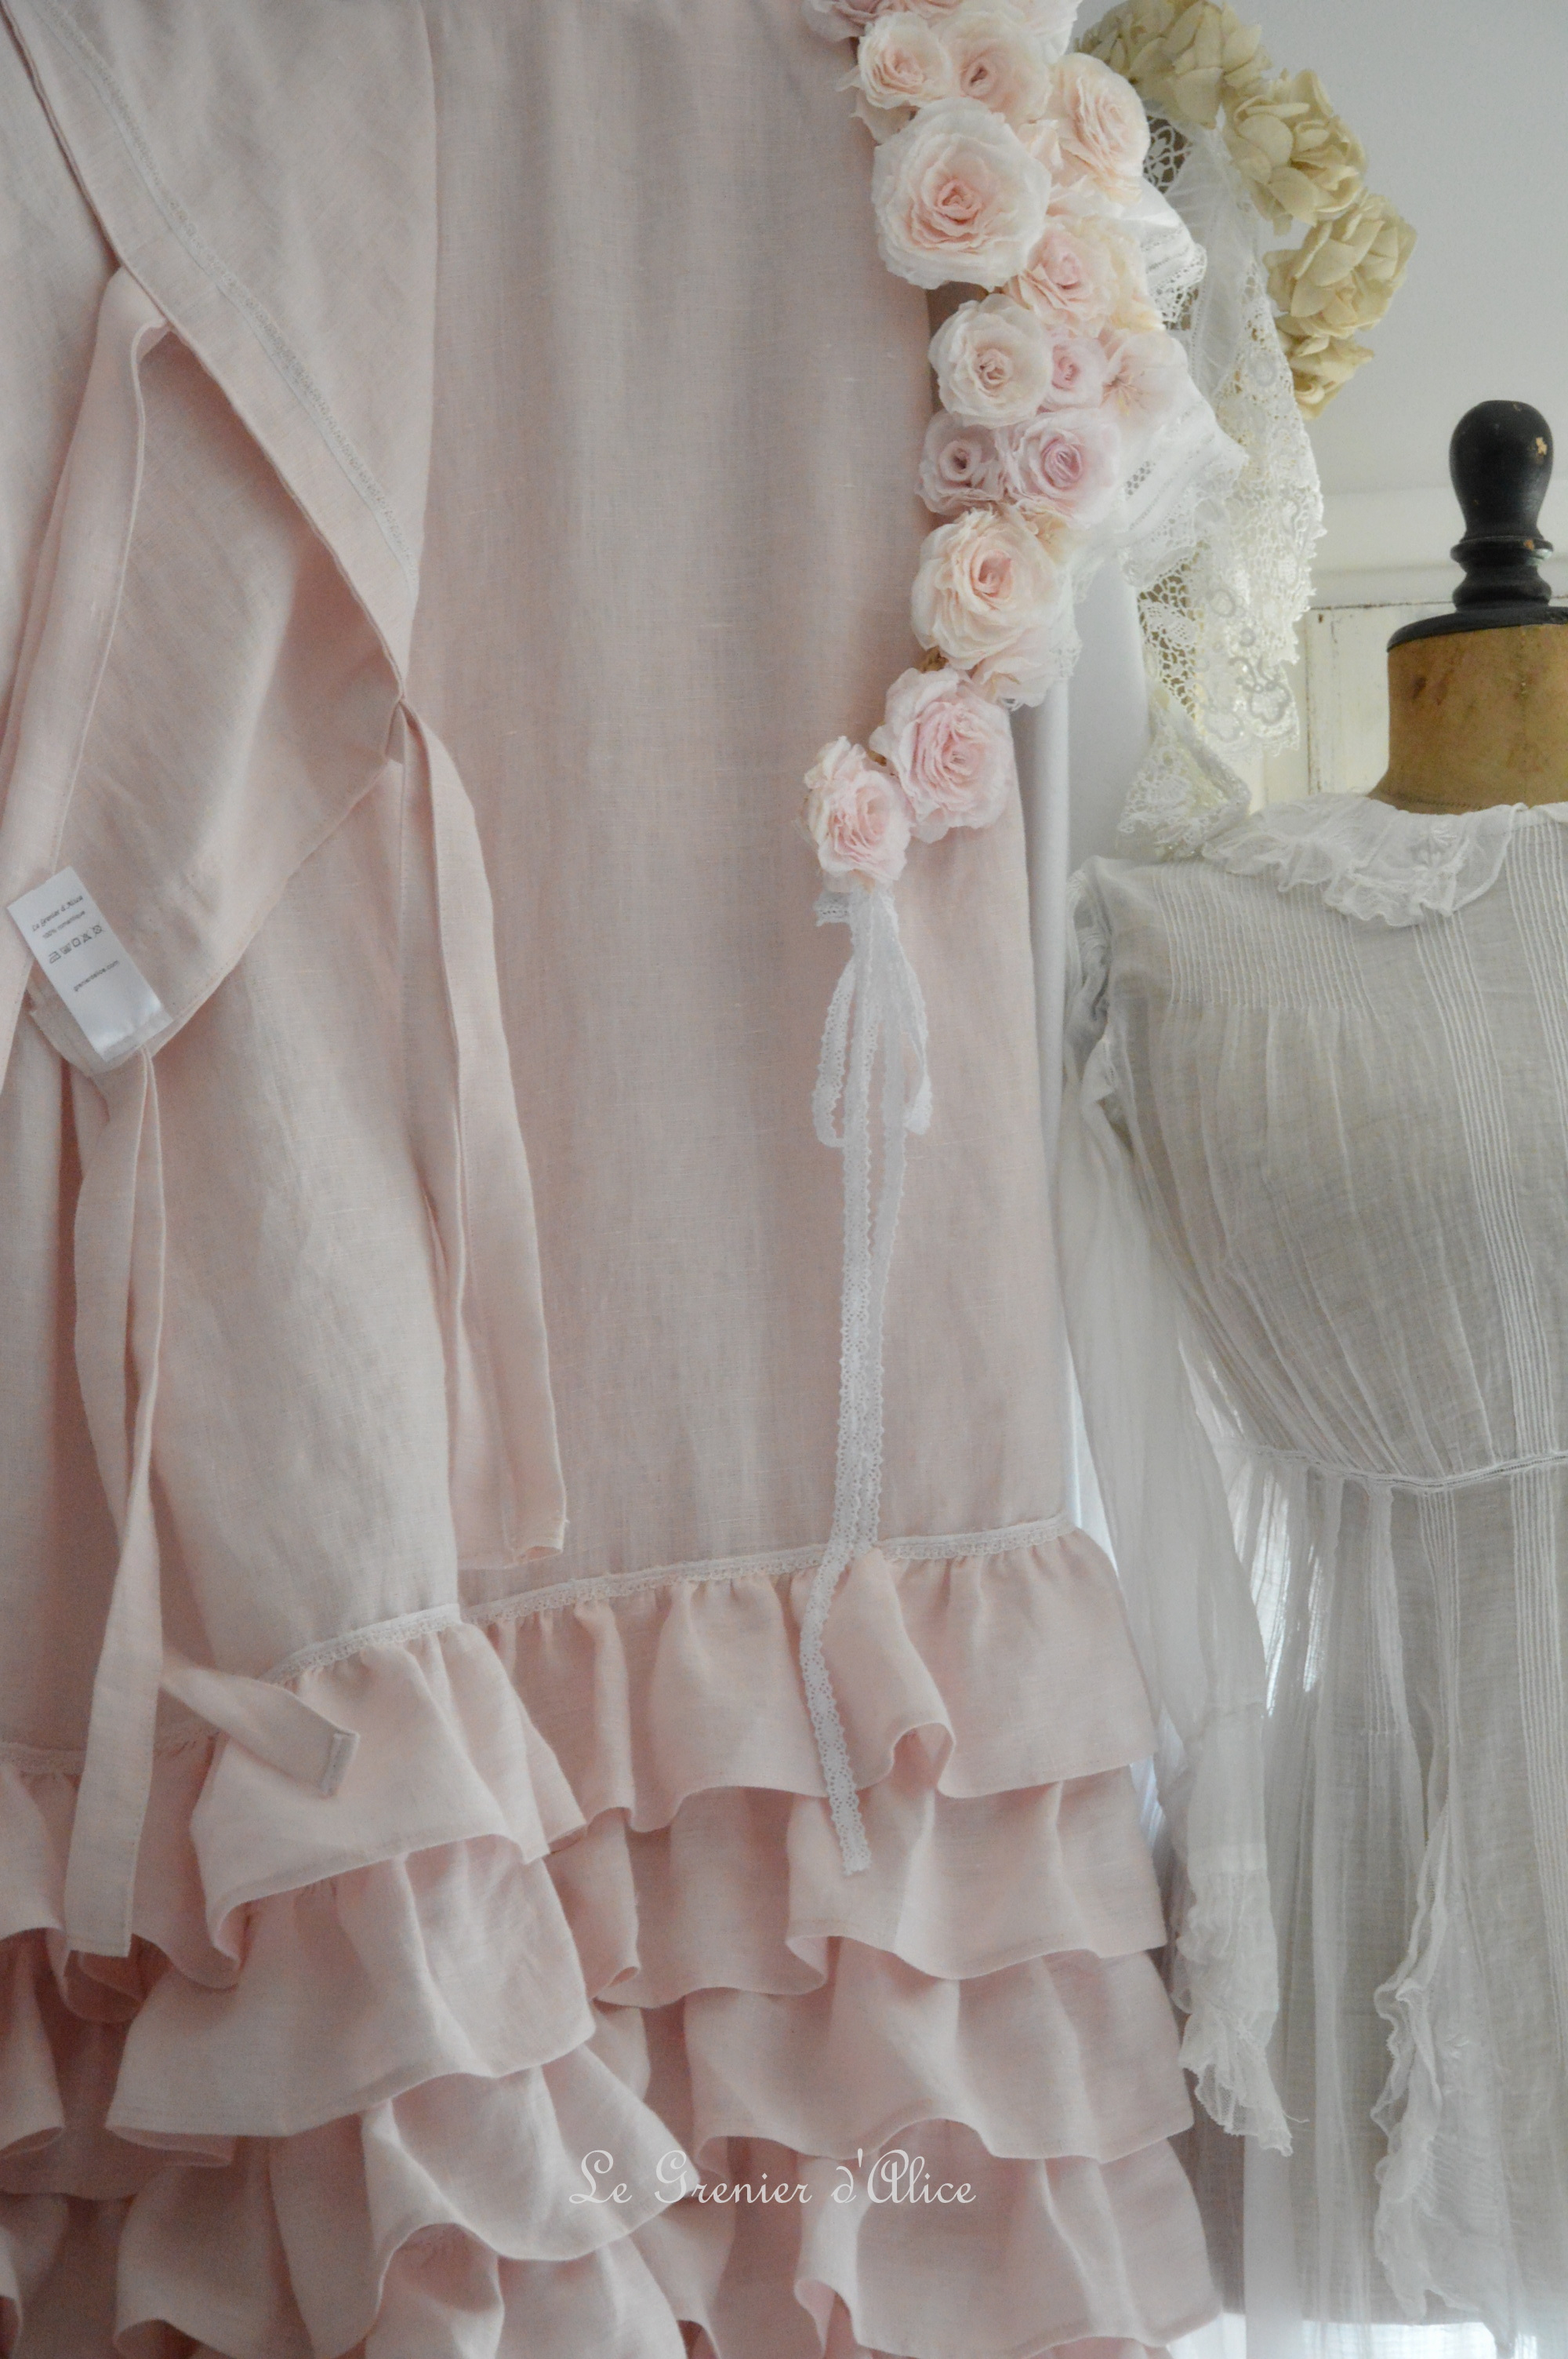 Rideau Shabby Froufrou Rose Poudré | Le Grenier D'Alice intérieur Rideaux Shabby Chic